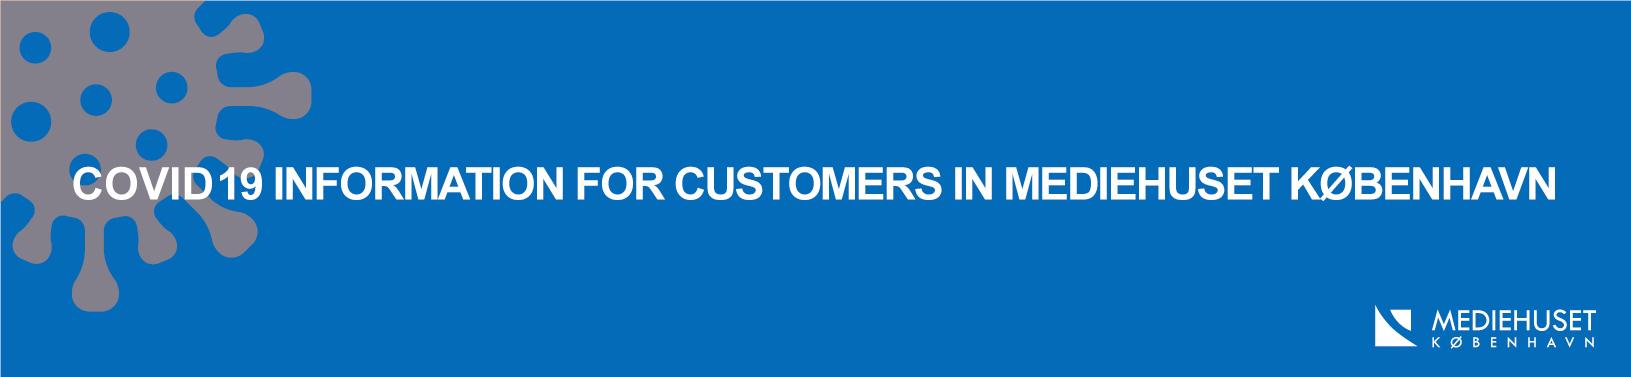 Covid 19 Information for customers of Mediehuset København